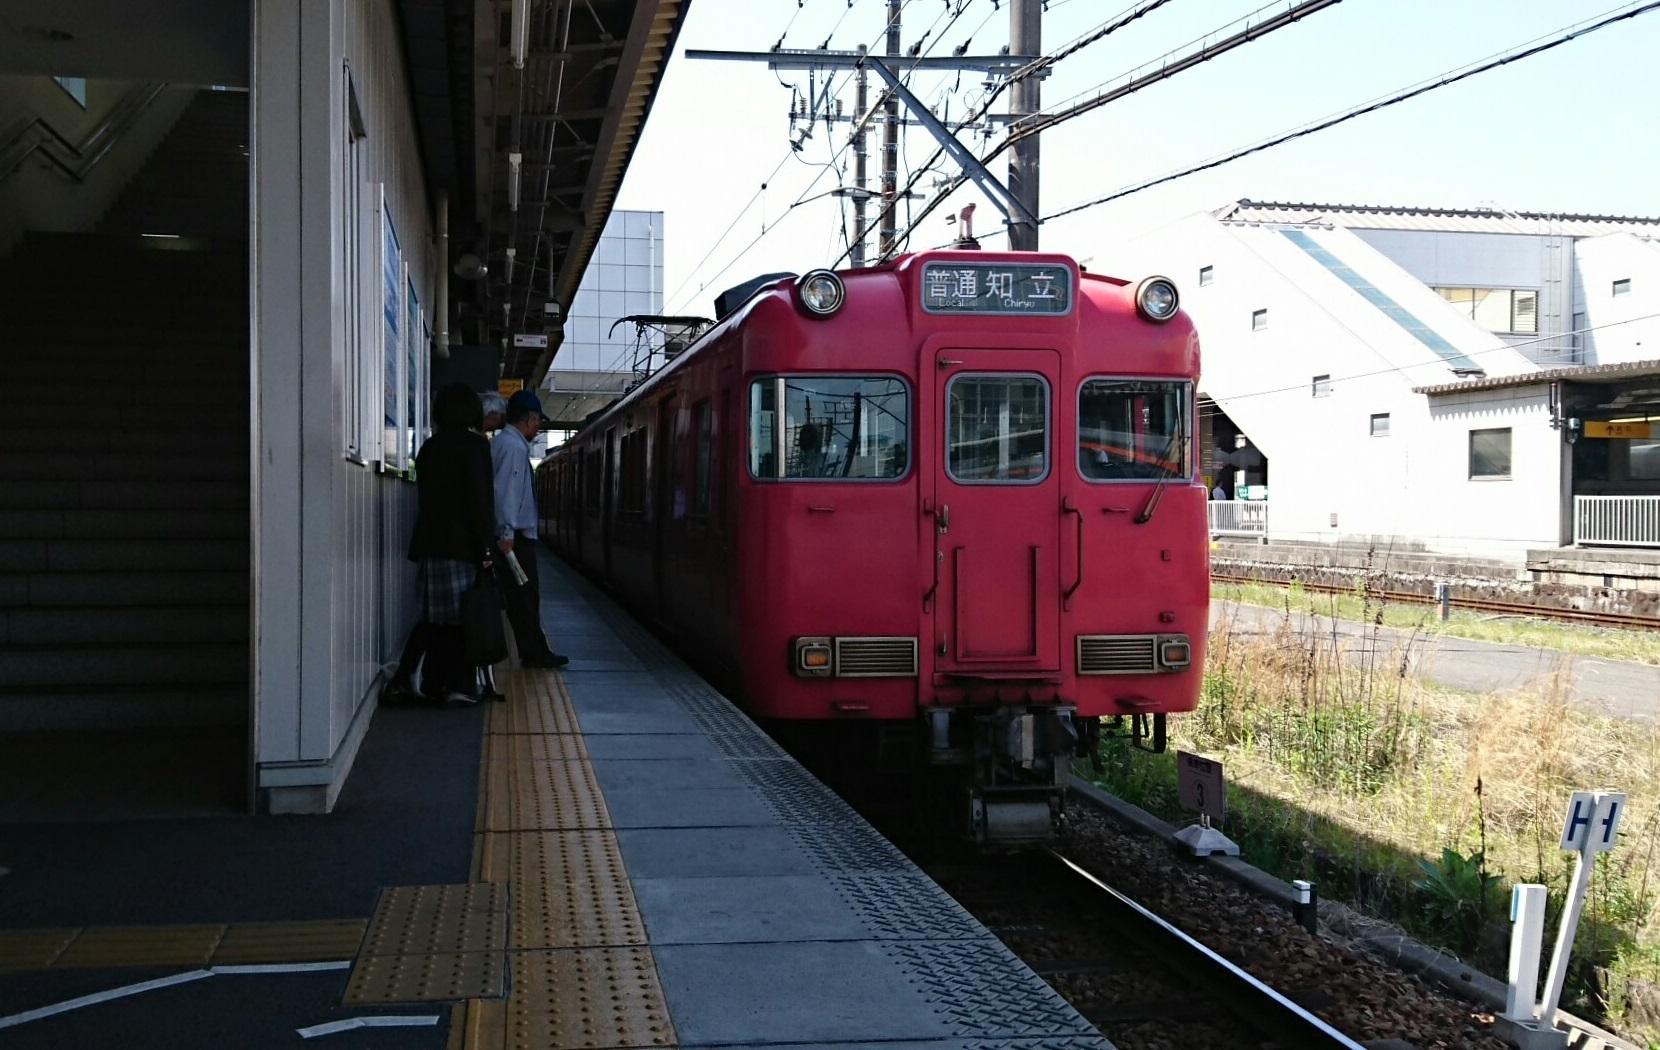 2018.4.19 (9) 刈谷 - 知立いきふつう 1660-1050